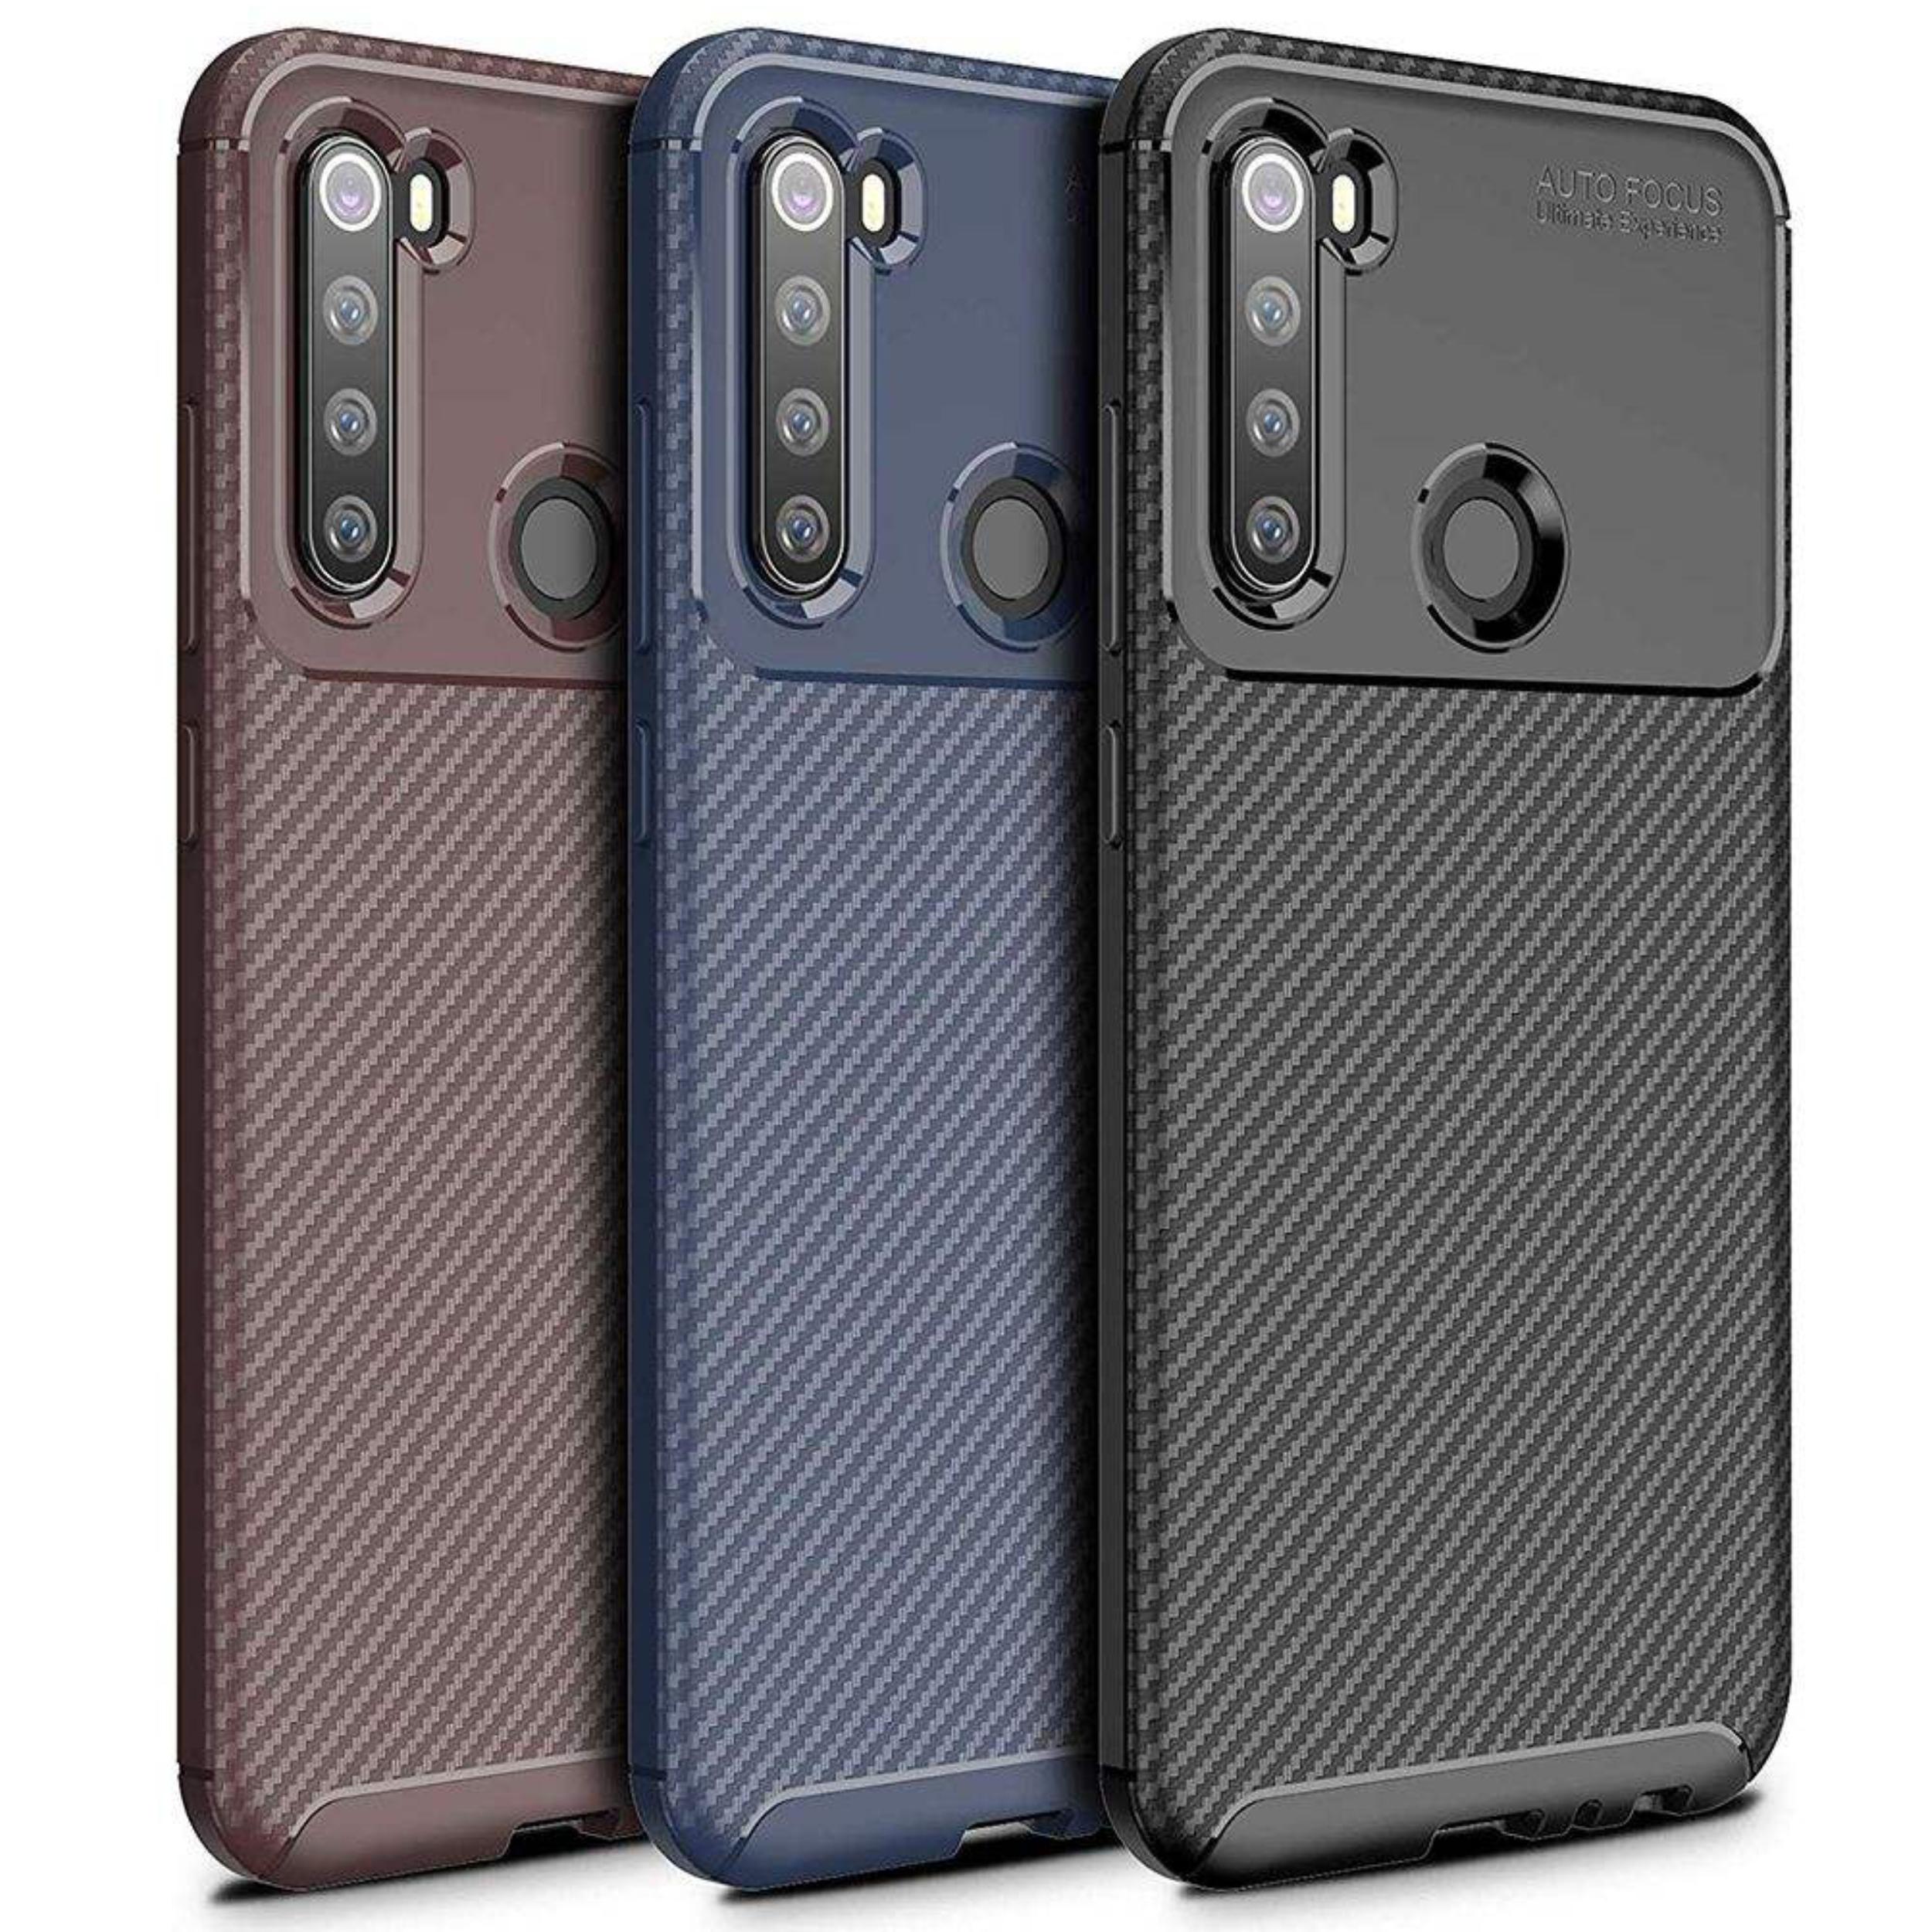 کاور لاین کینگ مدل A21 مناسب برای گوشی موبایل شیائومی Redmi Note 8T thumb 2 5